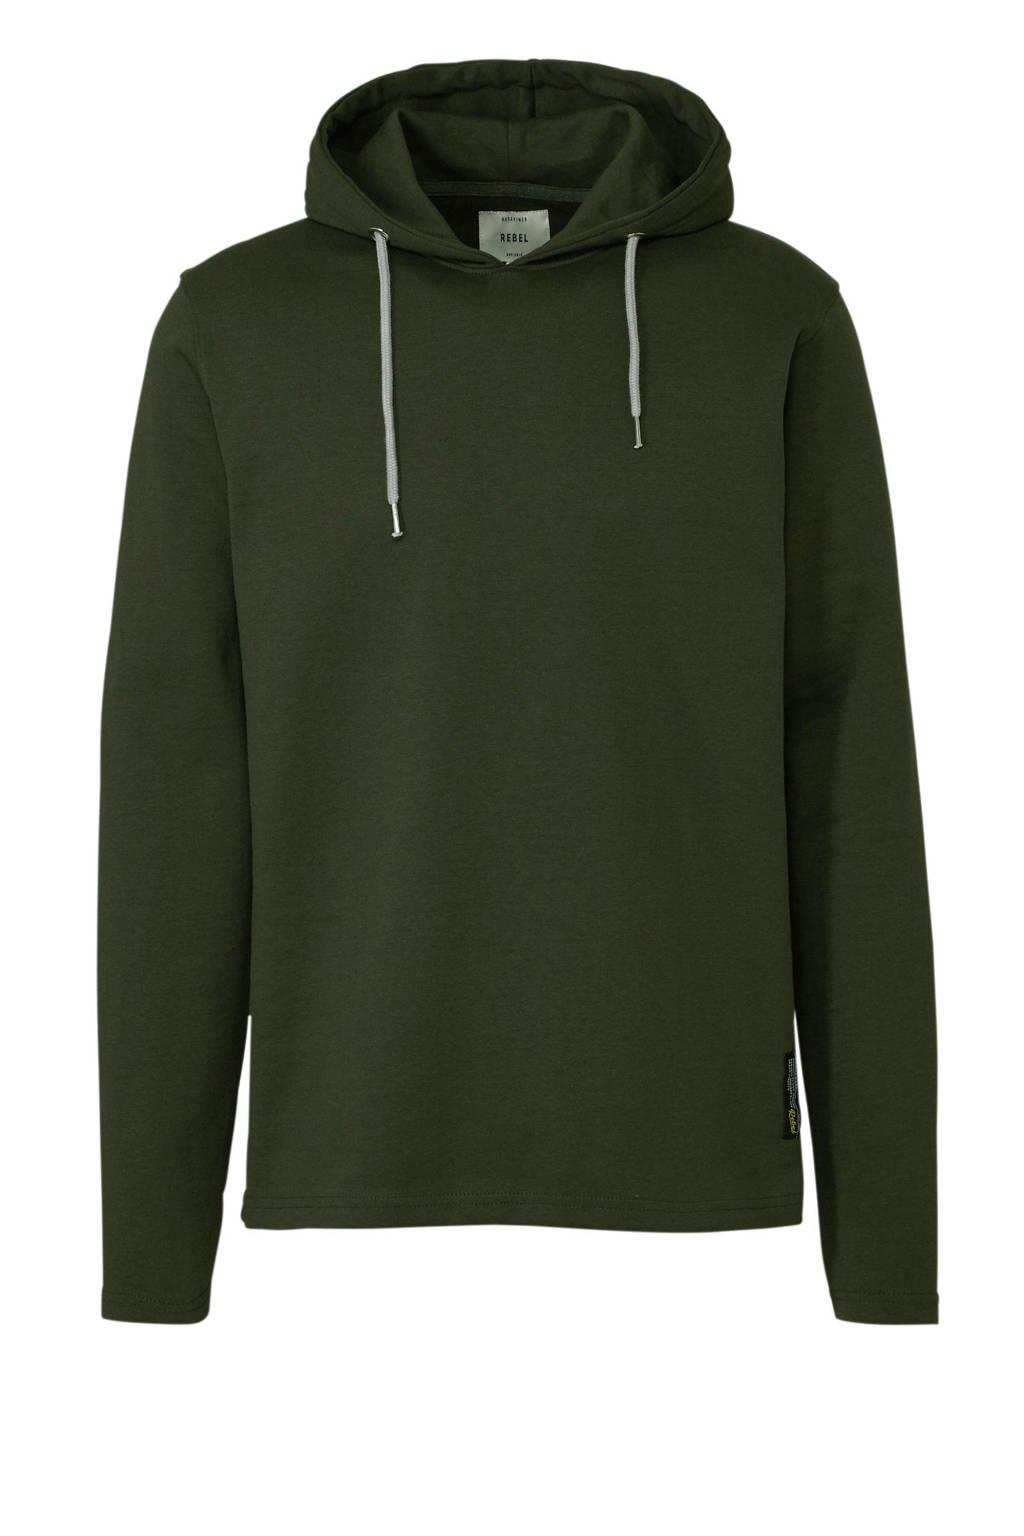 Redefined Rebel hoodie groen, Groen